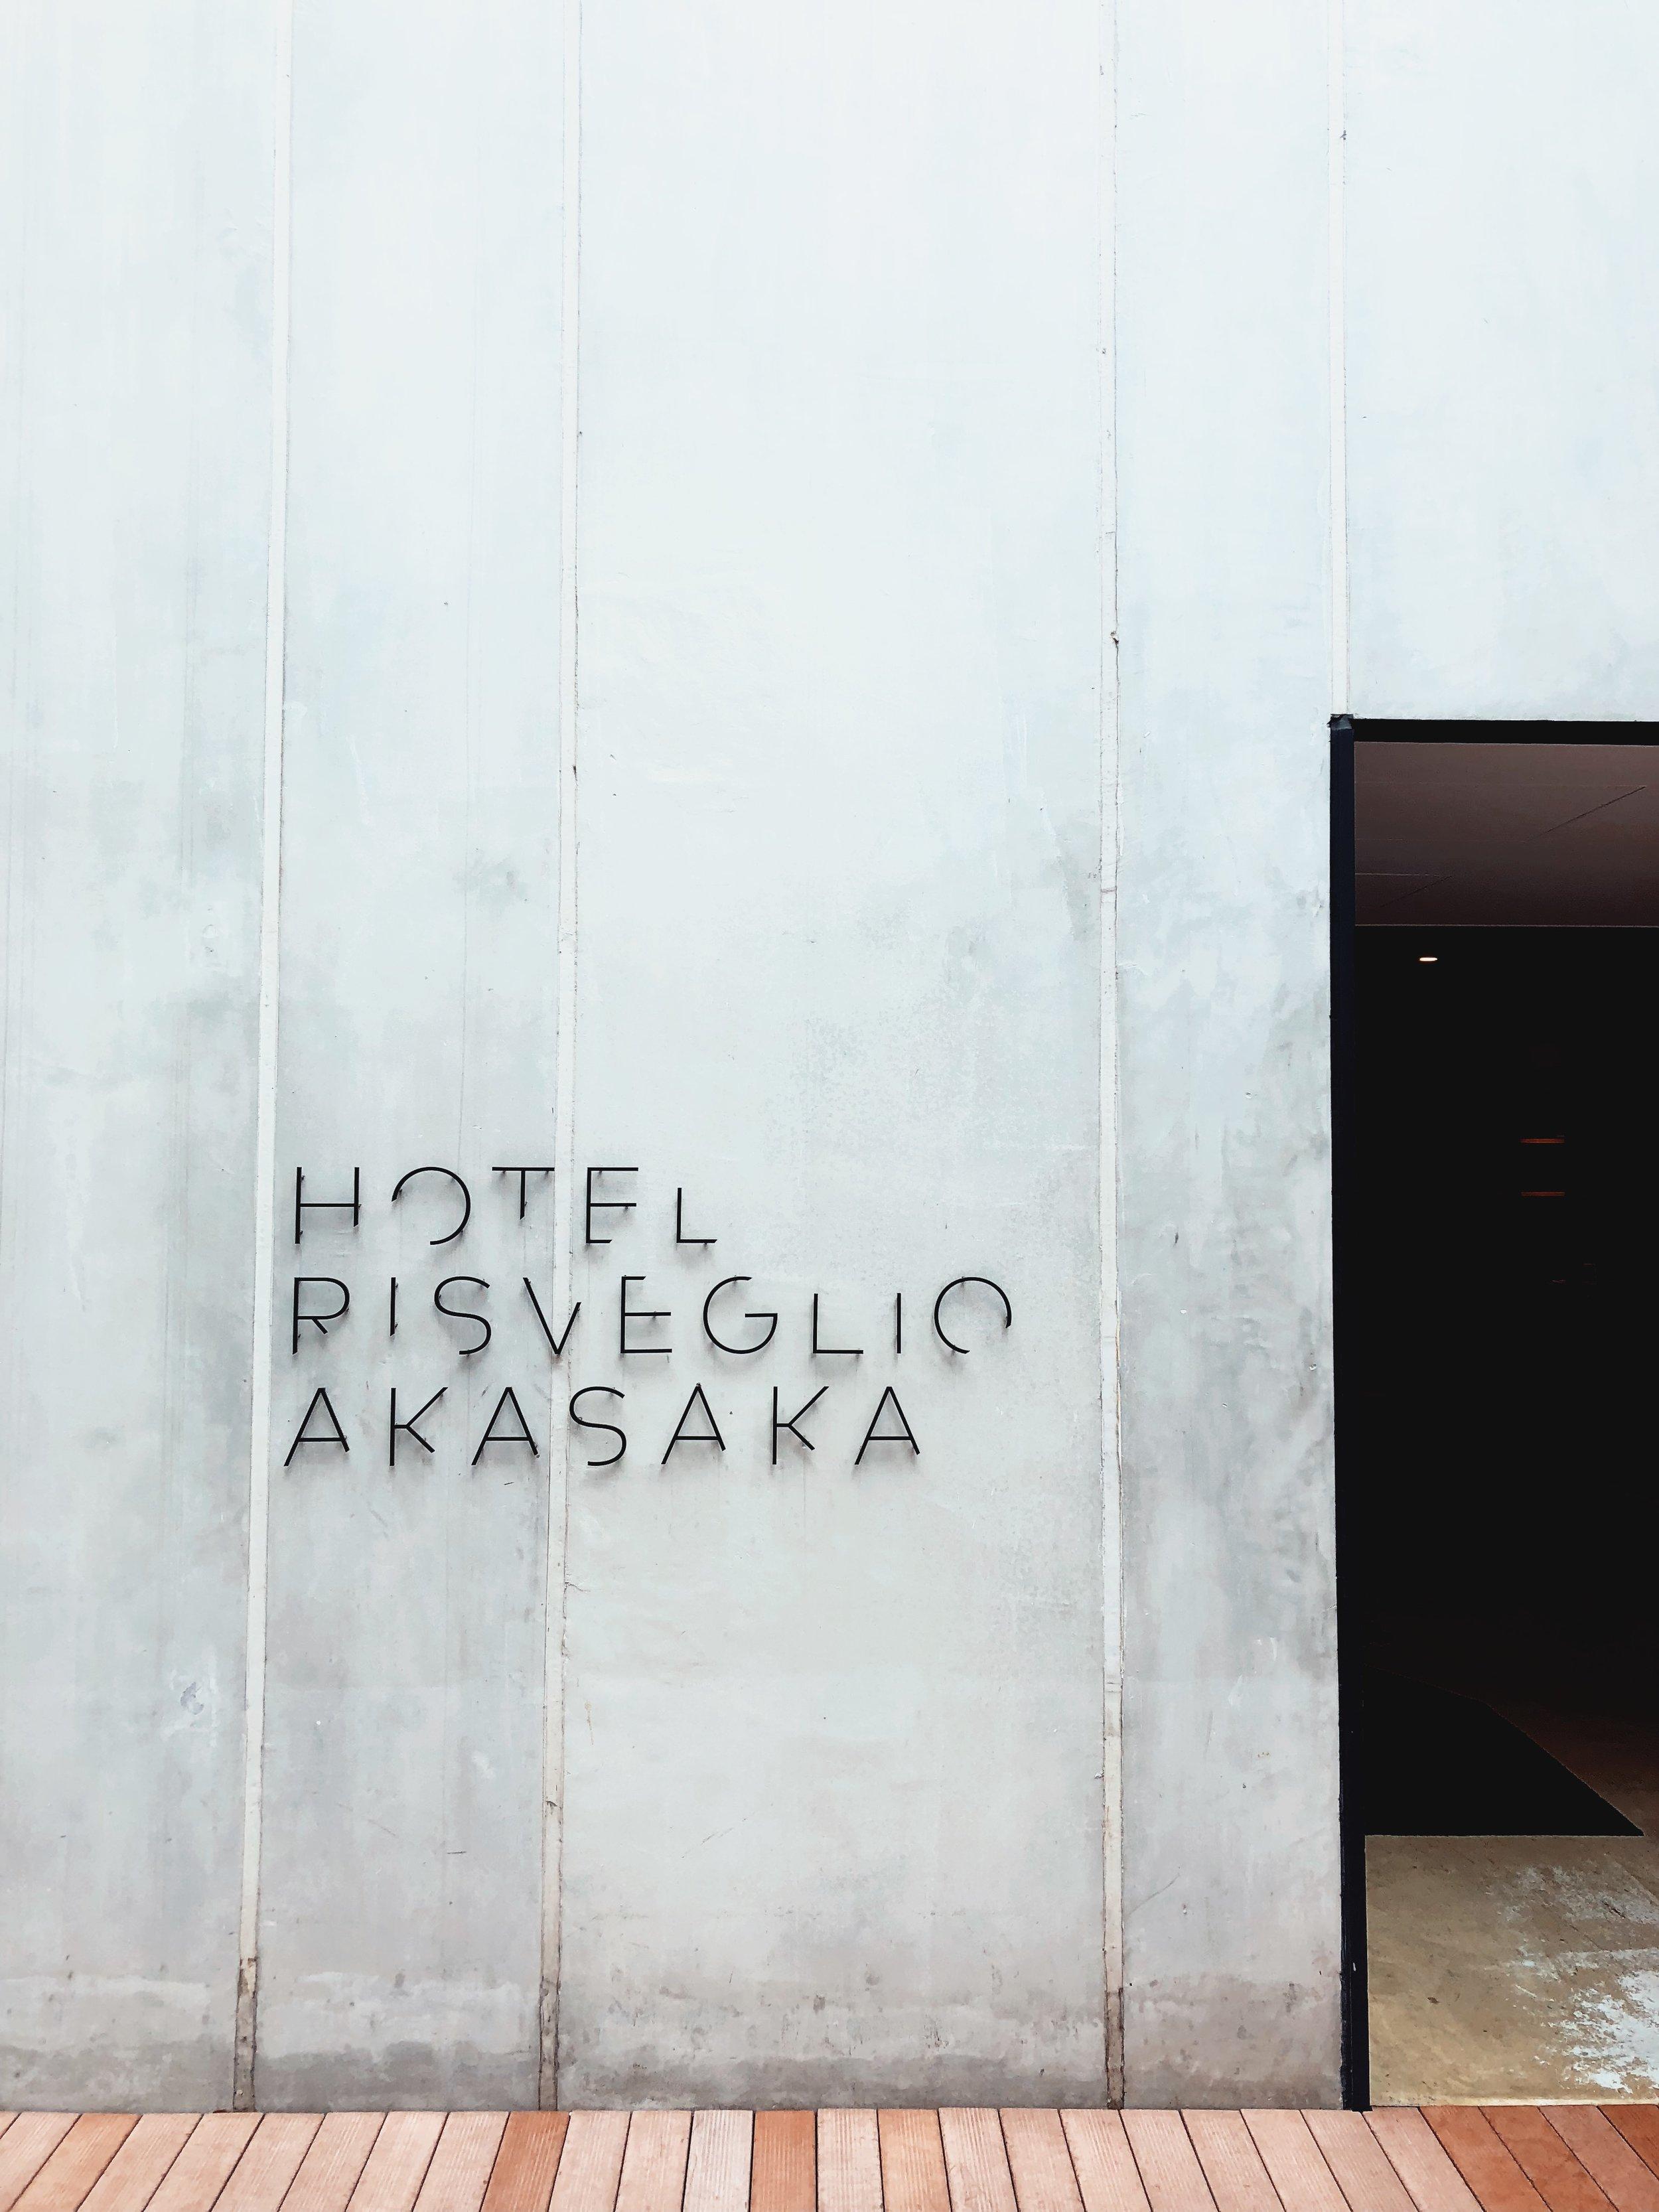 Hotel Risveglio Akasaka, Tokyo